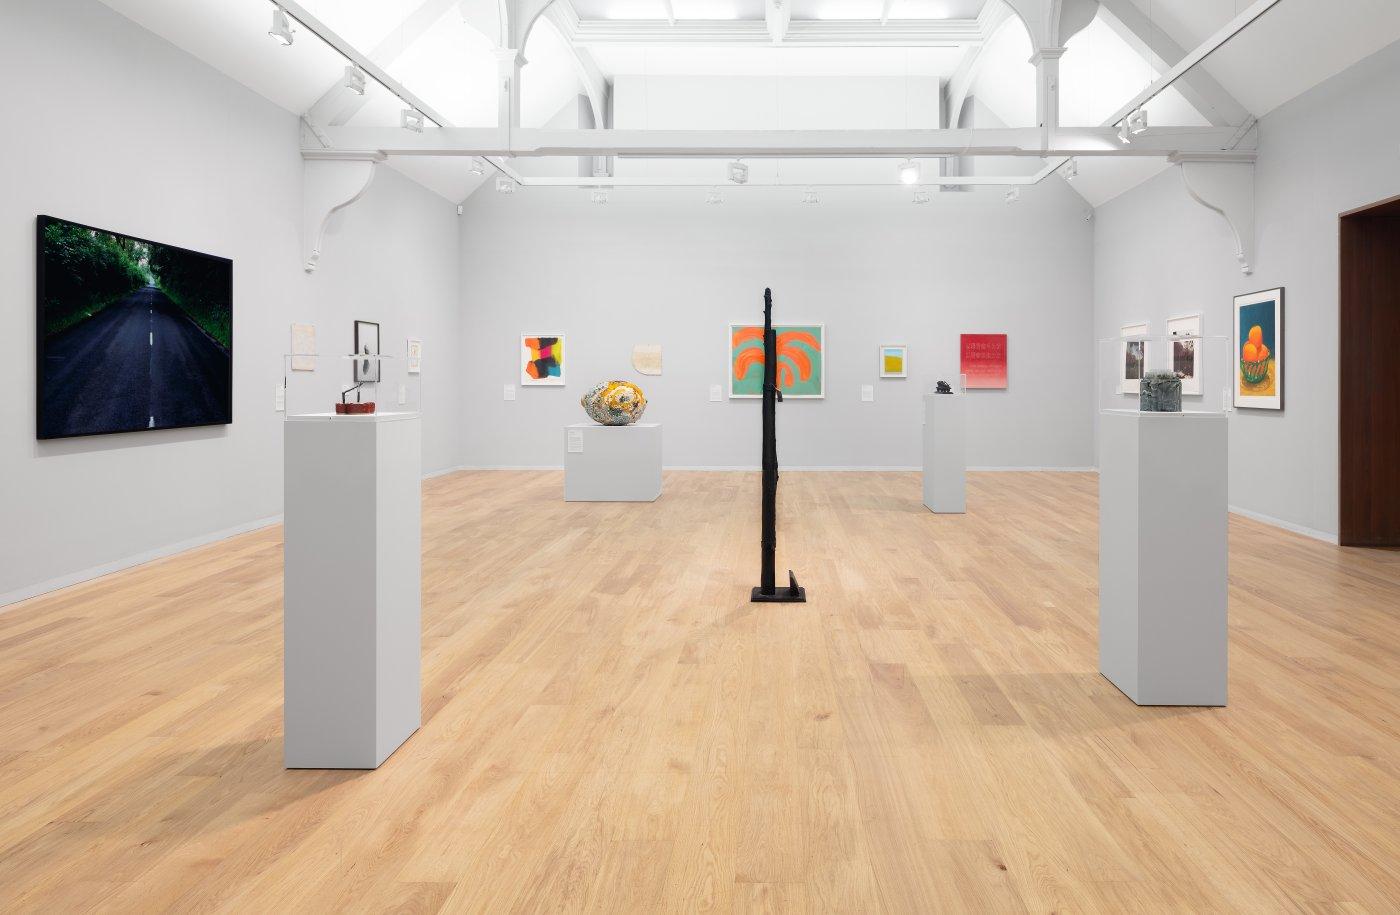 Whitechapel Gallery Gary Hume Hiscox 3